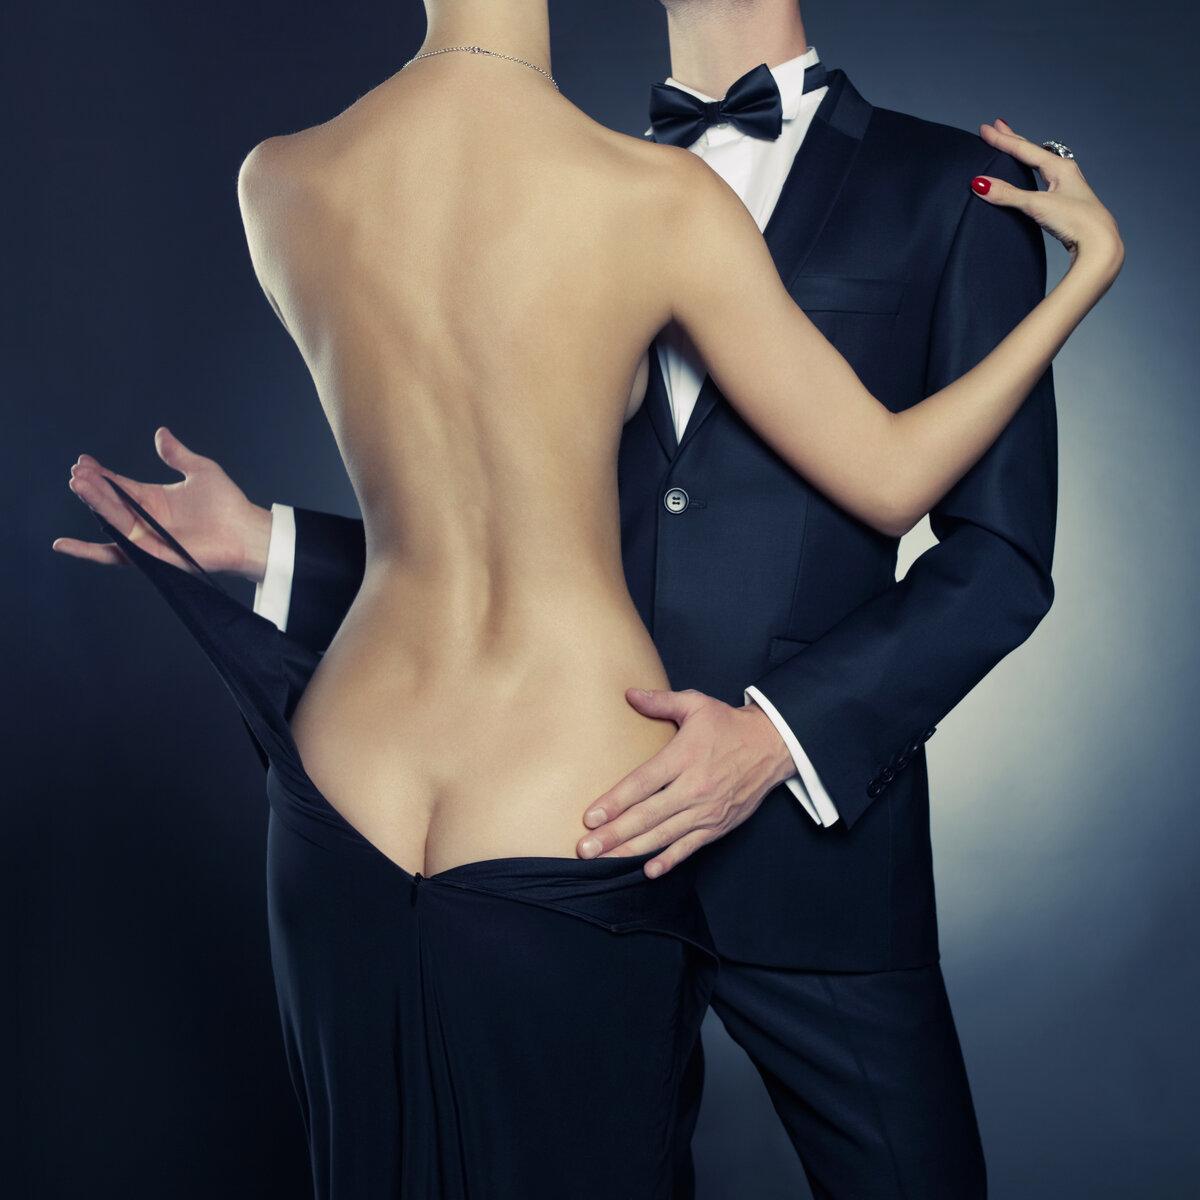 Голая Женщина Танцует Мужчине